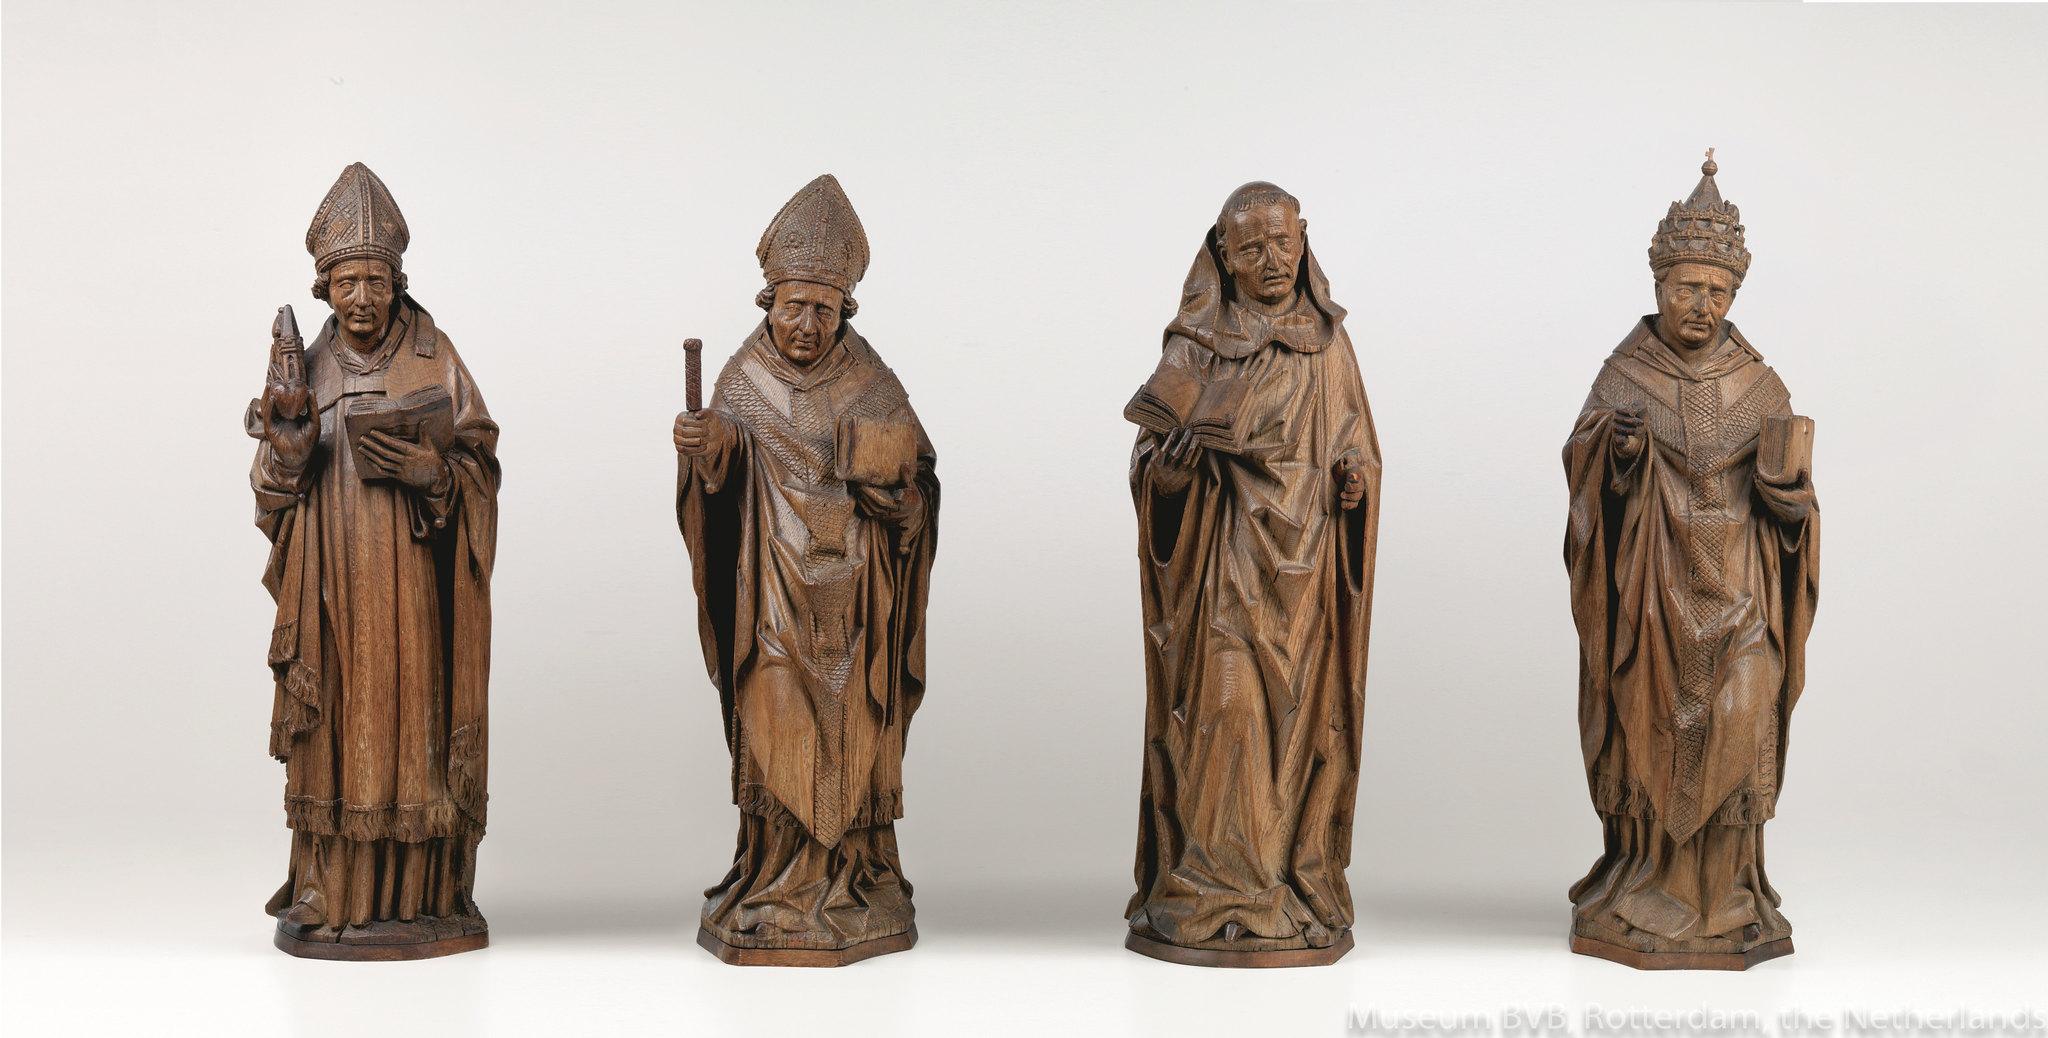 アルント・ファン・ズヴォレ(推定)《「四大ラテン教父(聖アウグスティヌス、聖アンブロシウス、聖ヒエロニムス、聖グレゴリウス)》(1480年)